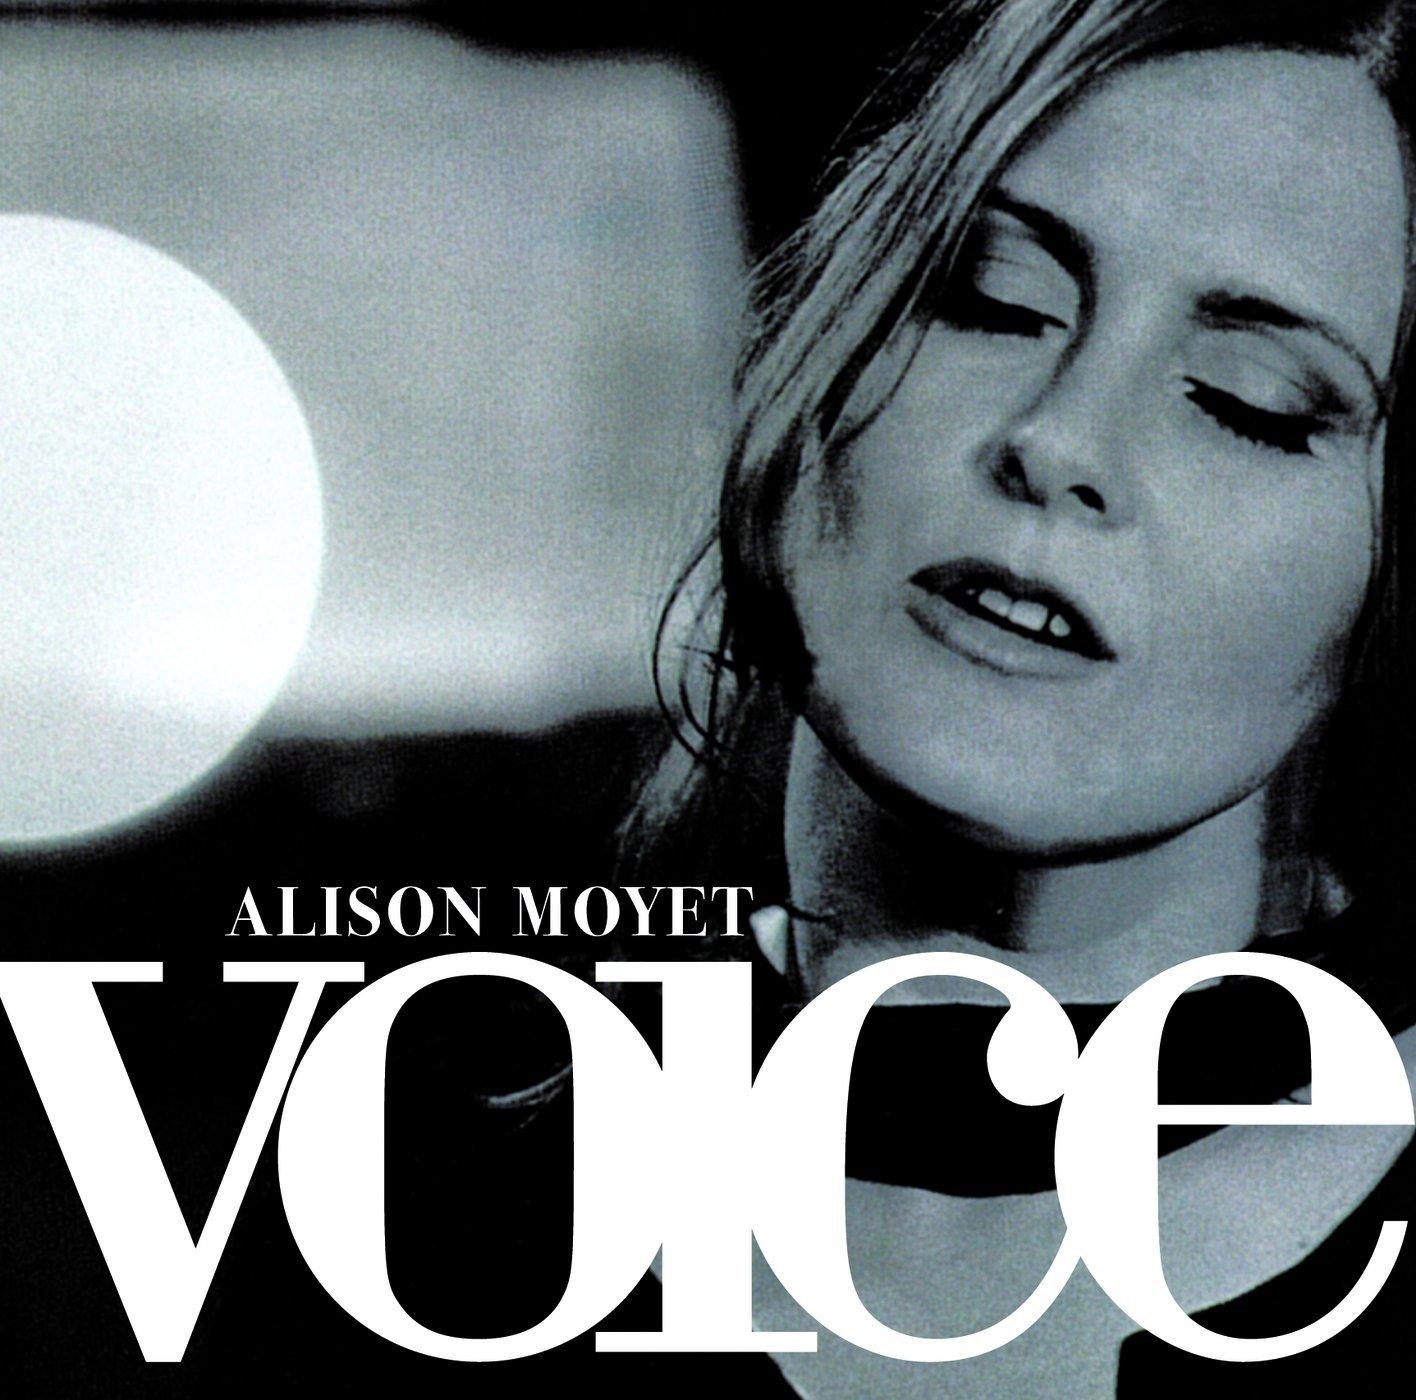 Alison Moyet / Voice 2CD deluxe reissue and vinyl reissue